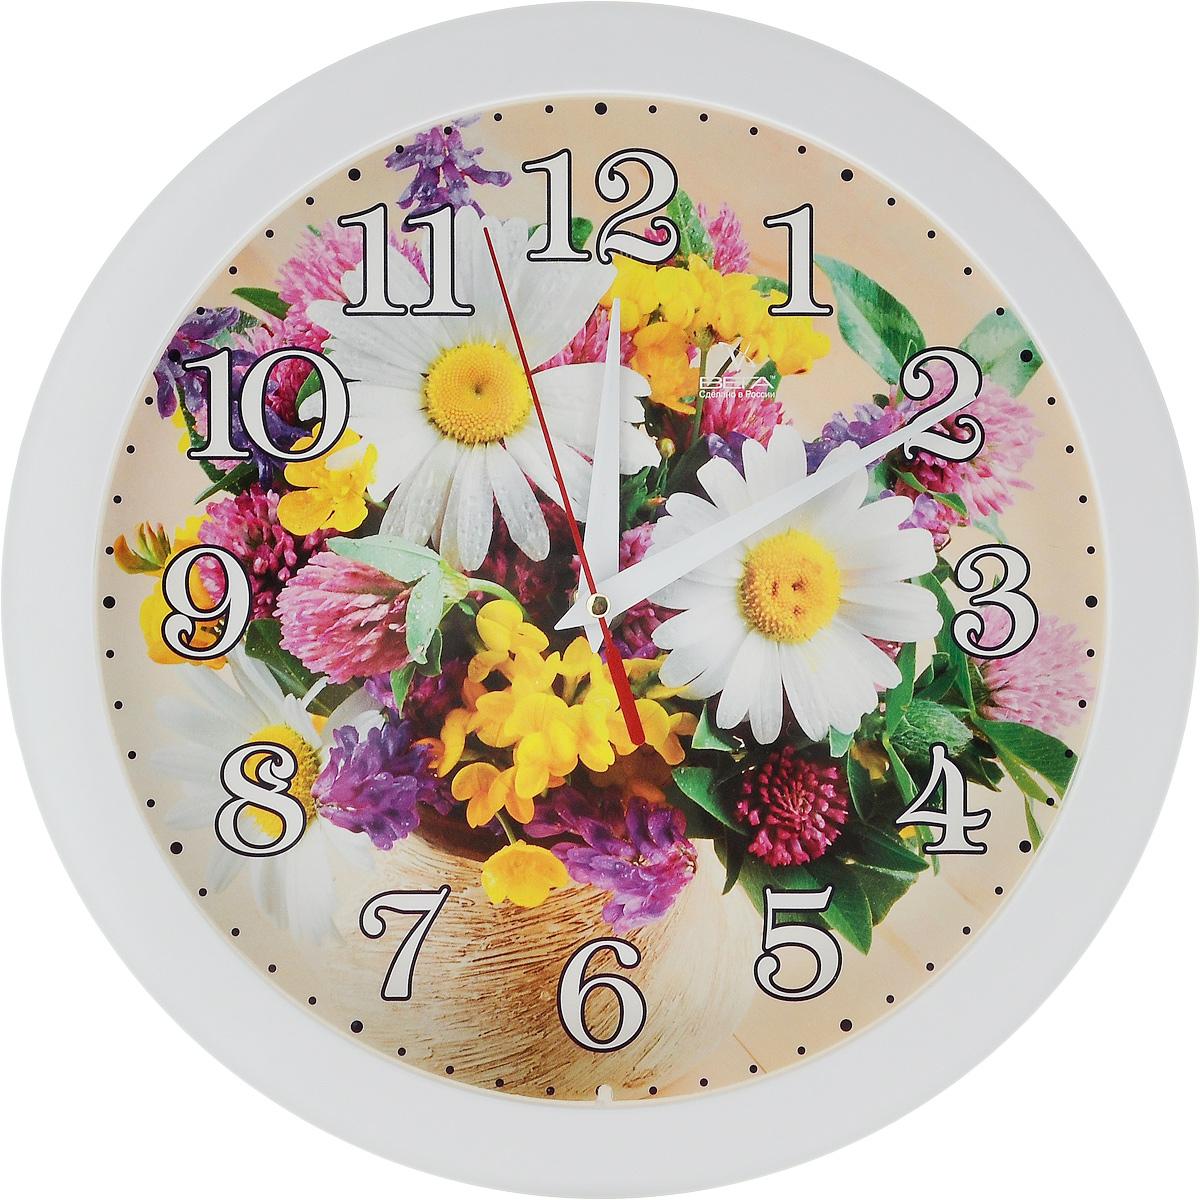 Часы настенные Вега Маринина радость, диаметр 28,5 смП1-7/7-219Настенные кварцевые часы Вега Маринина радость, изготовленные из пластика, прекрасно впишутся в интерьер вашего дома. Часы имеют три стрелки: часовую, минутную и секундную, циферблат защищен прозрачным стеклом. Часы работают от 1 батарейки типа АА напряжением 1,5 В (не входит в комплект). Диаметр часов: 28,5 см.